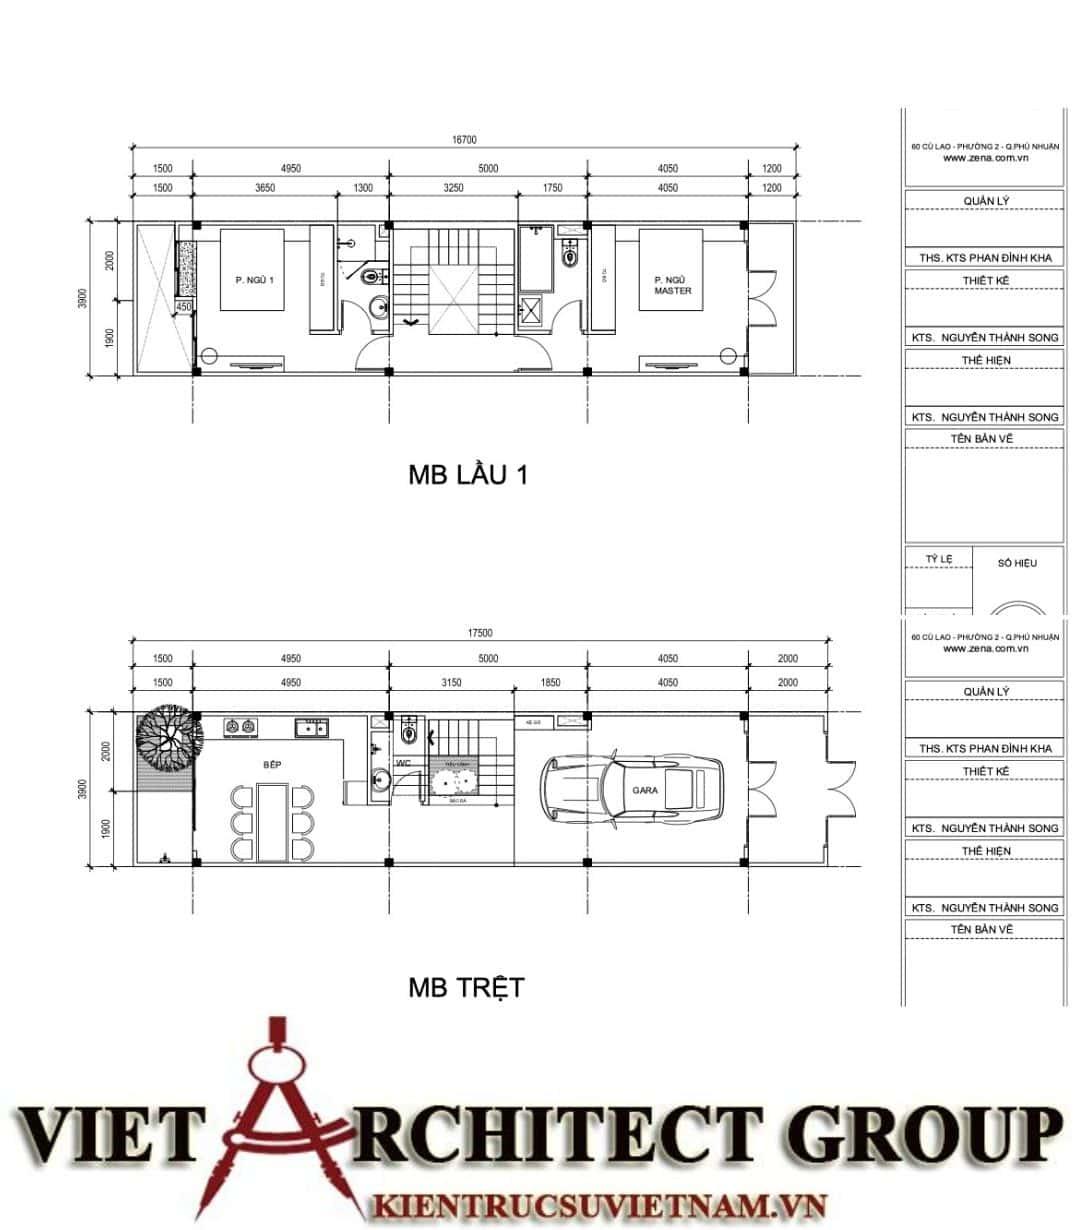 2 61 - Công trình nhà ở 5 tầng mặt tiền 4m chị Trâm - TPHCM